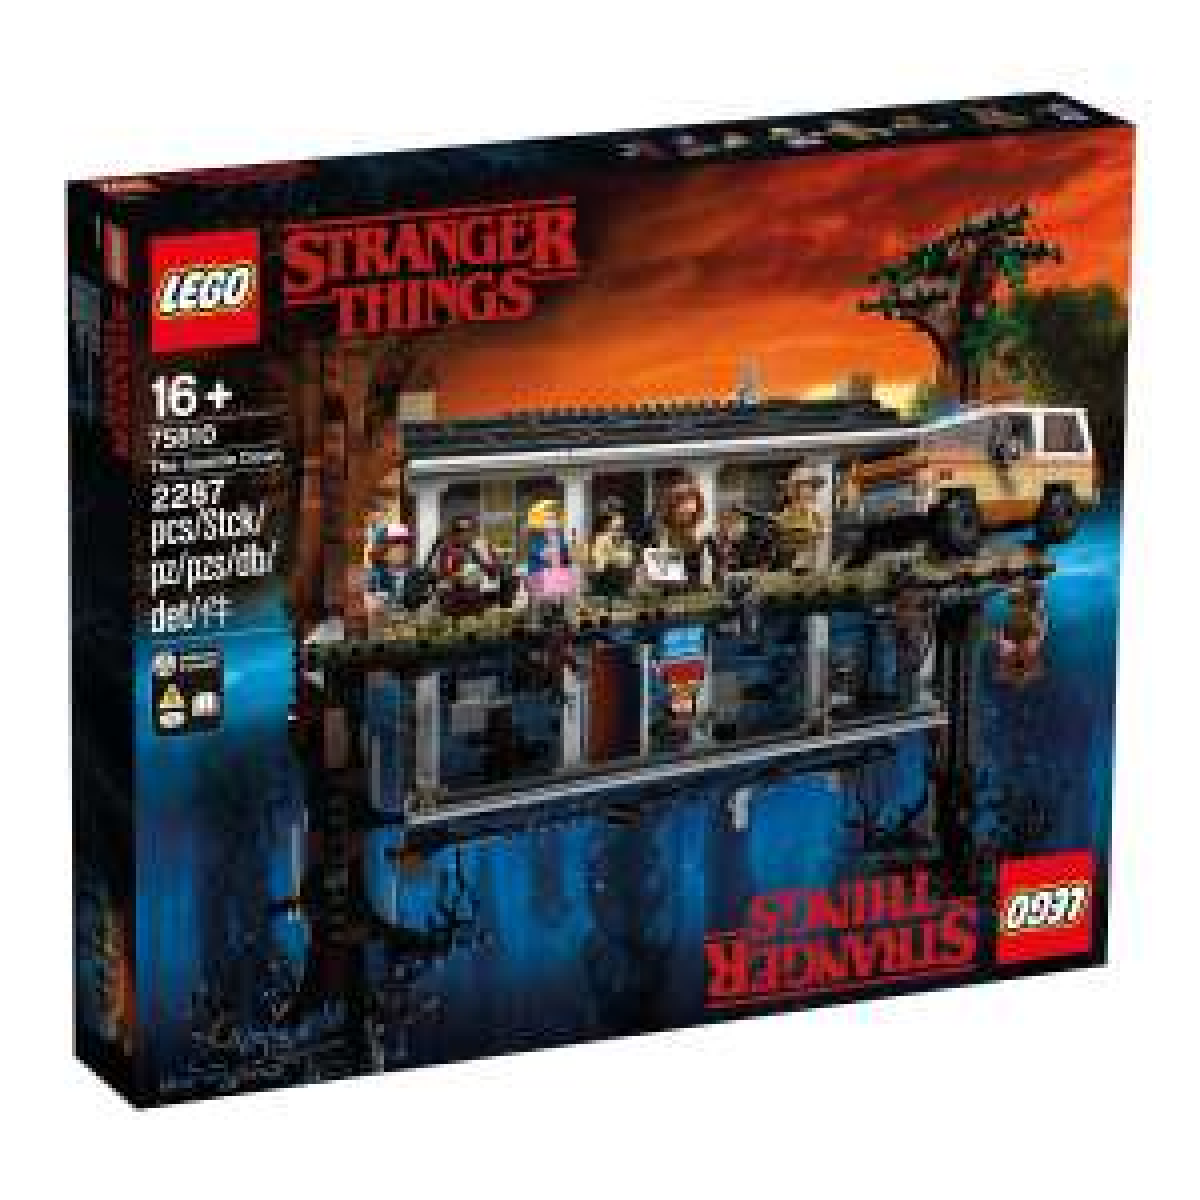 Lego Stranger Things La Maison dans le Monde à l'envers - 75810